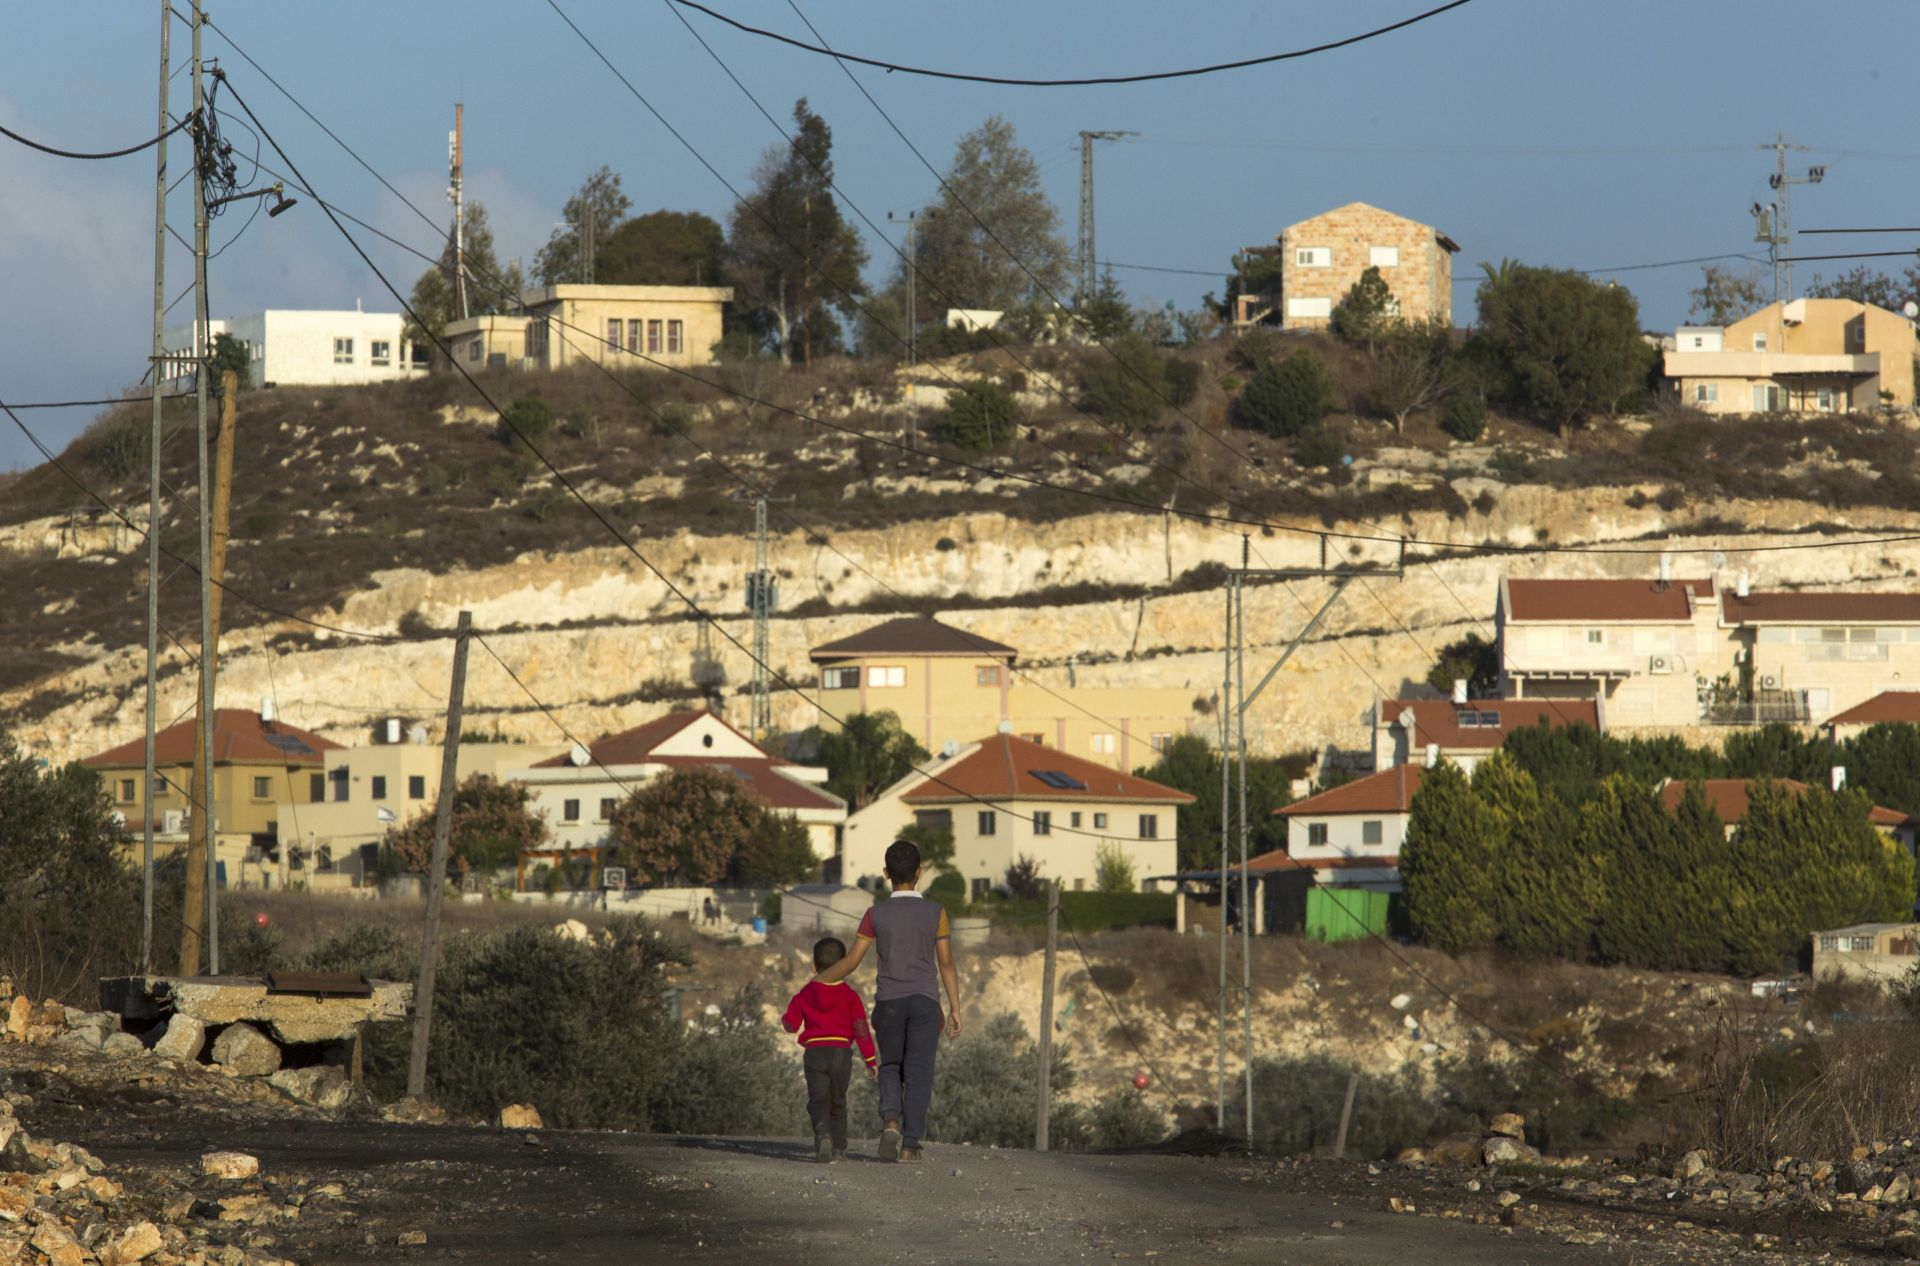 Izrael rekao da se Brdo hrama ponovno otvara u nedjelju